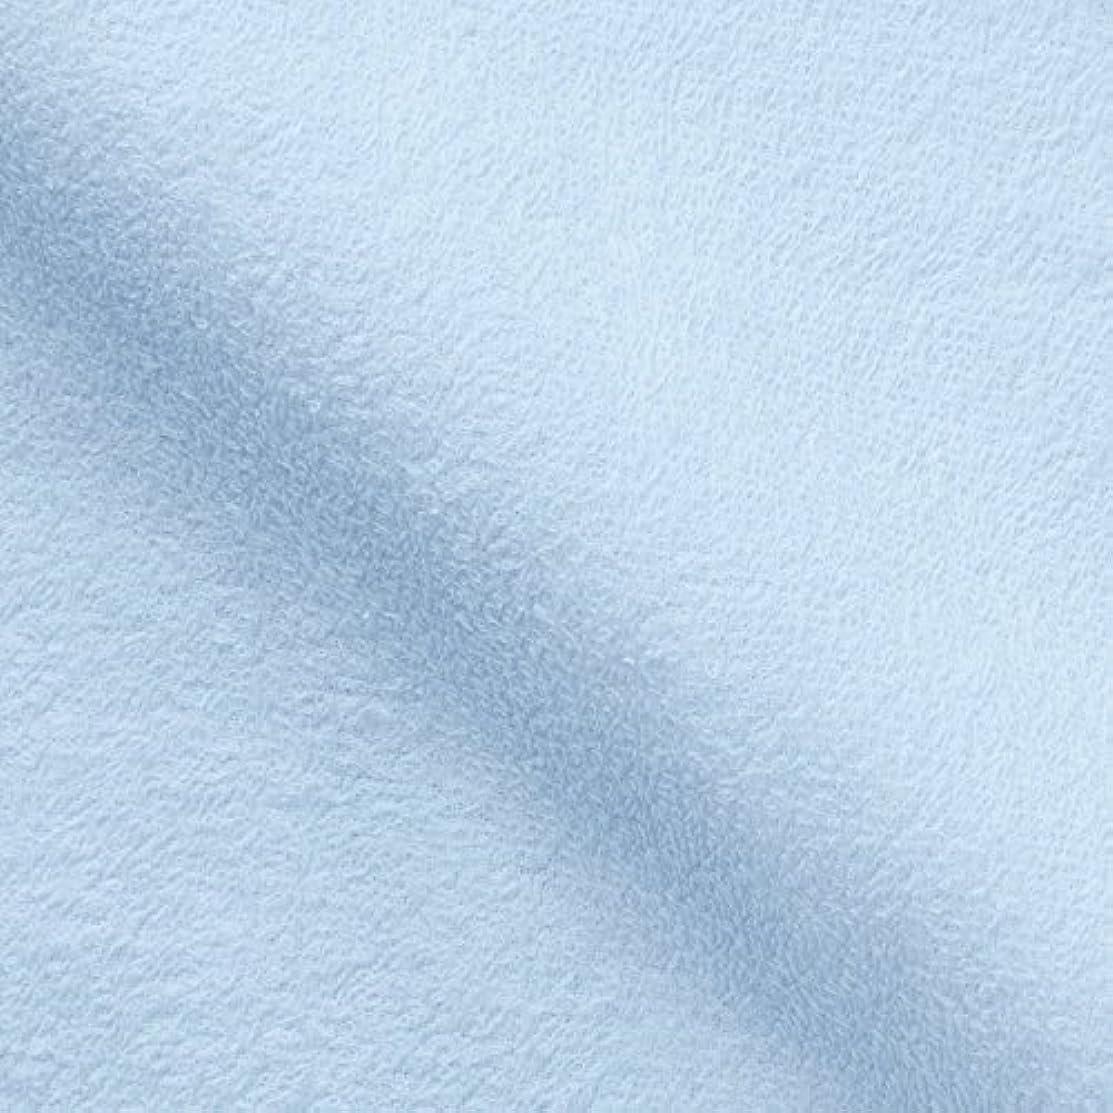 手つかずの研究きゅうりキヨタ 抗菌介護タオル(フェイスタオル12枚入) ブルー 34×84cm